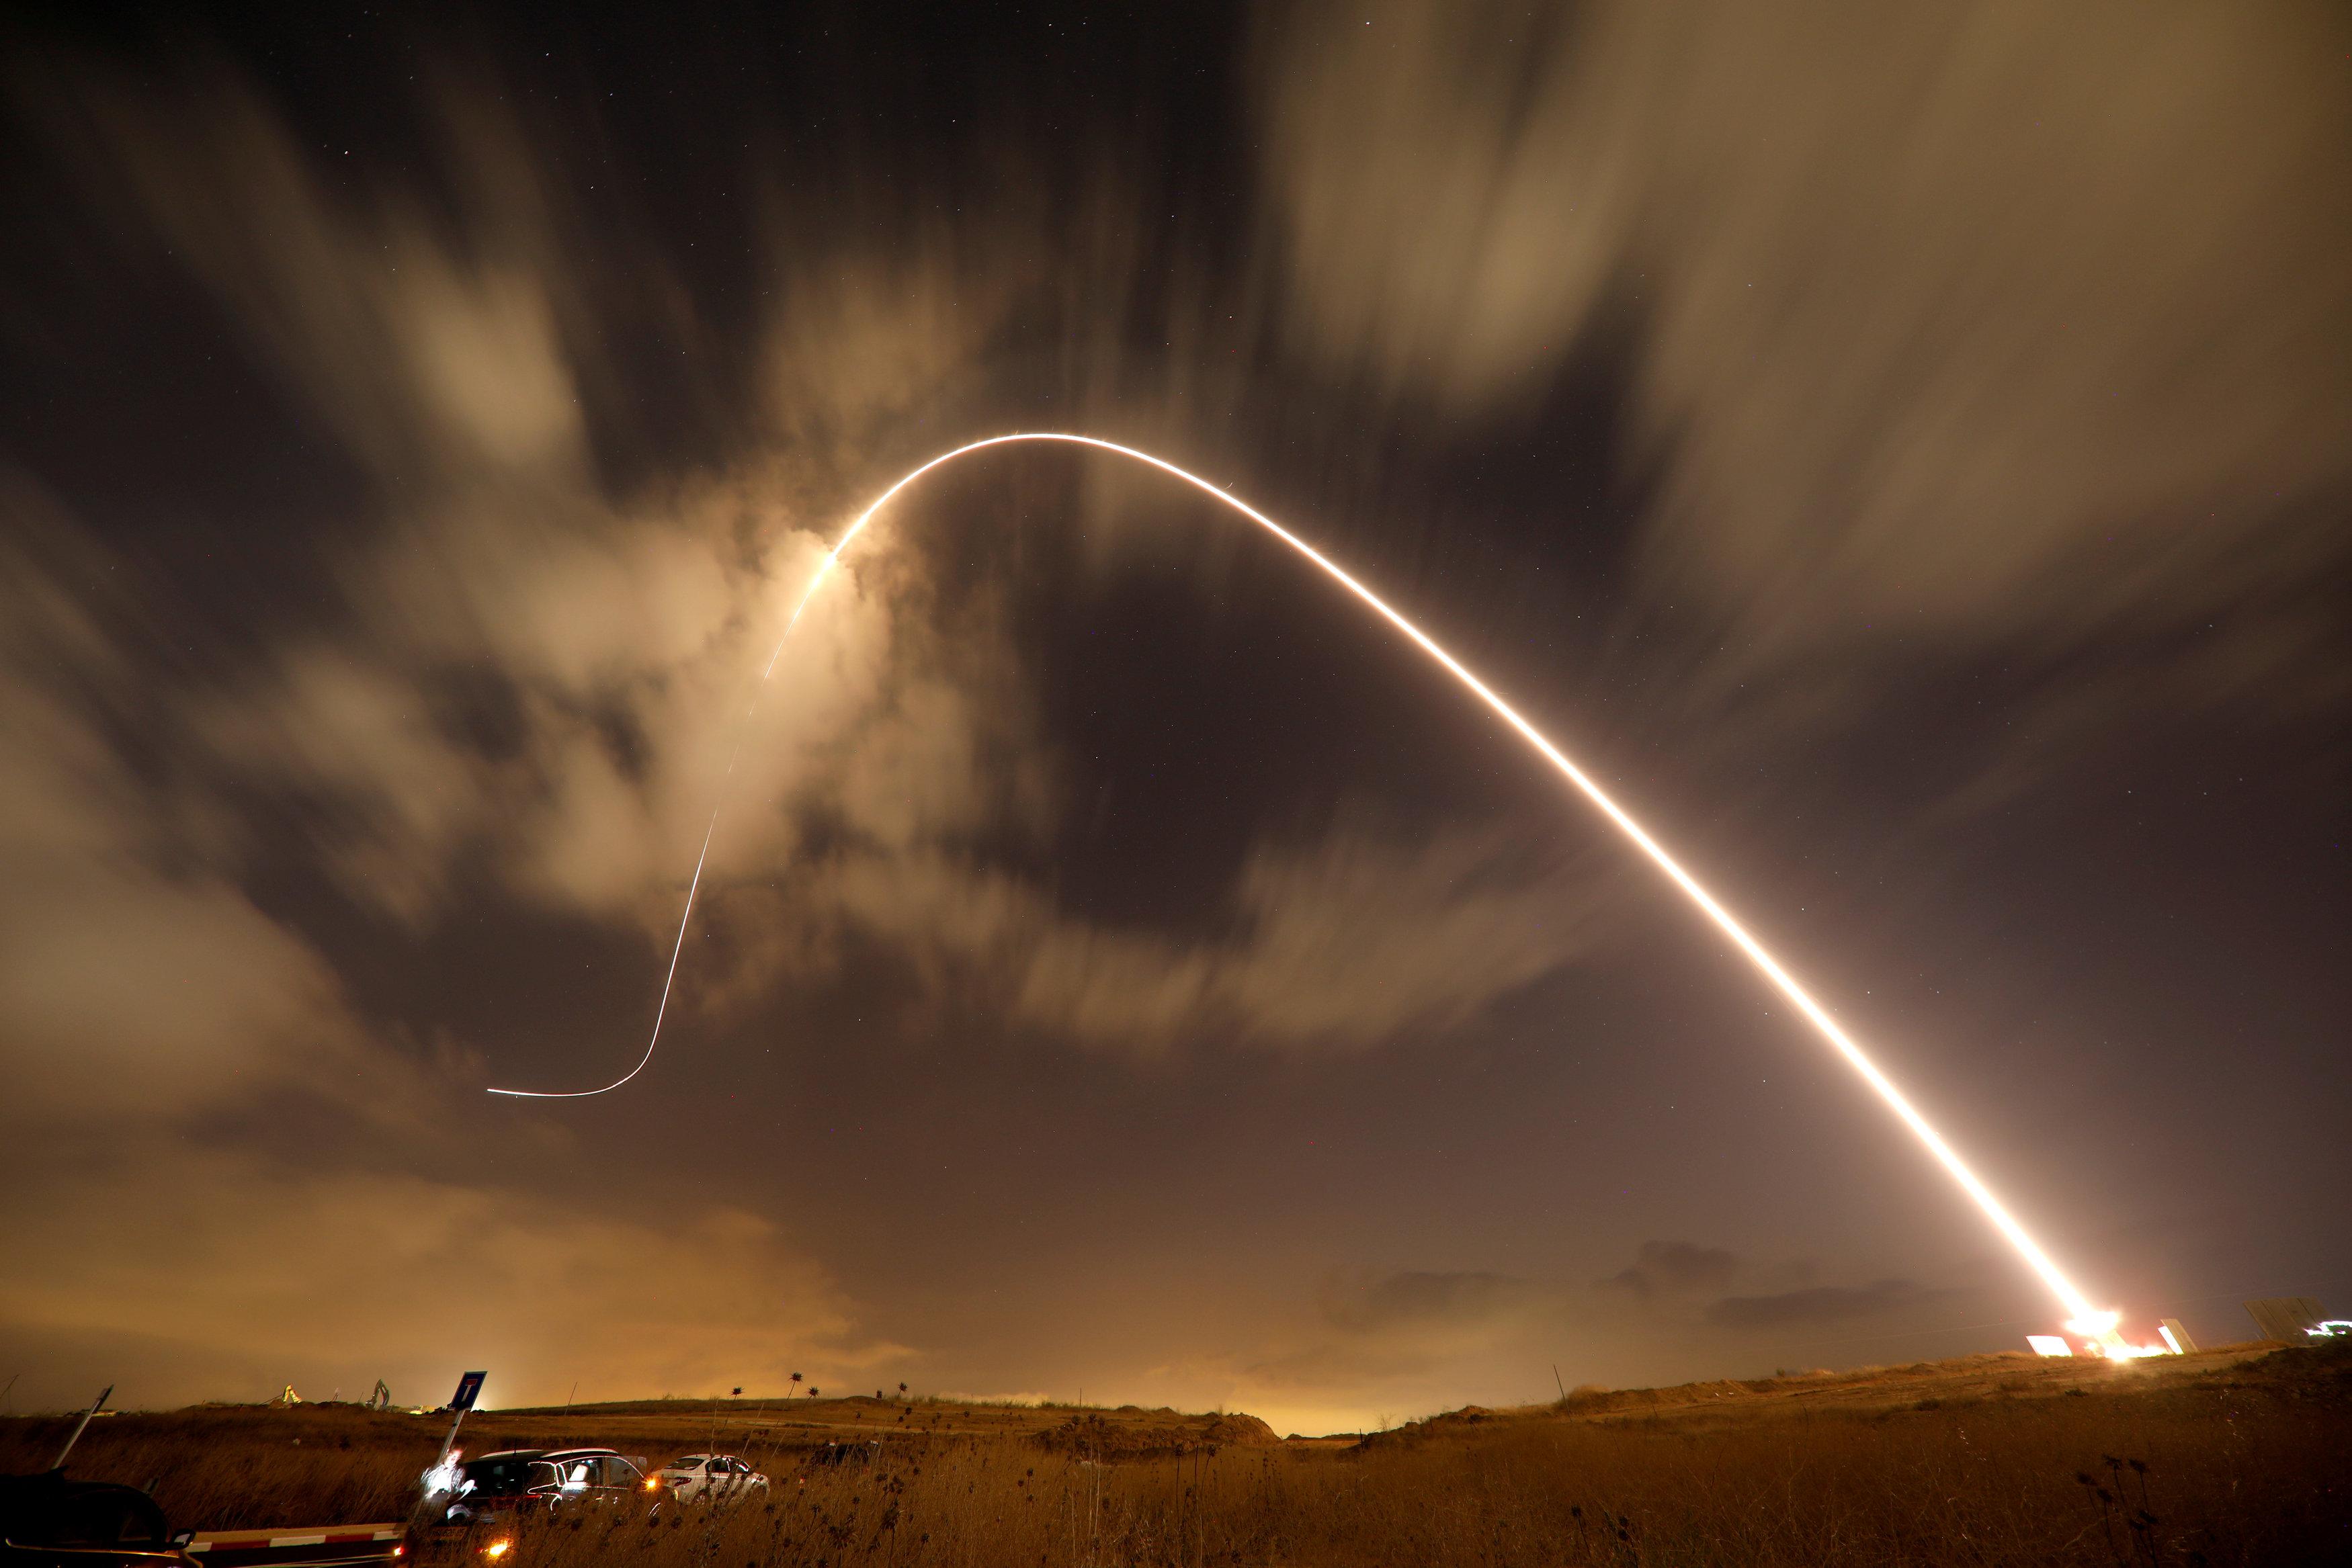 El sistema antimisiles israelí, conocido como Cúpula de Hierro, intercepta un misil lanzado desde Gaza sobre los cielos de Sderot el 9 de agosto